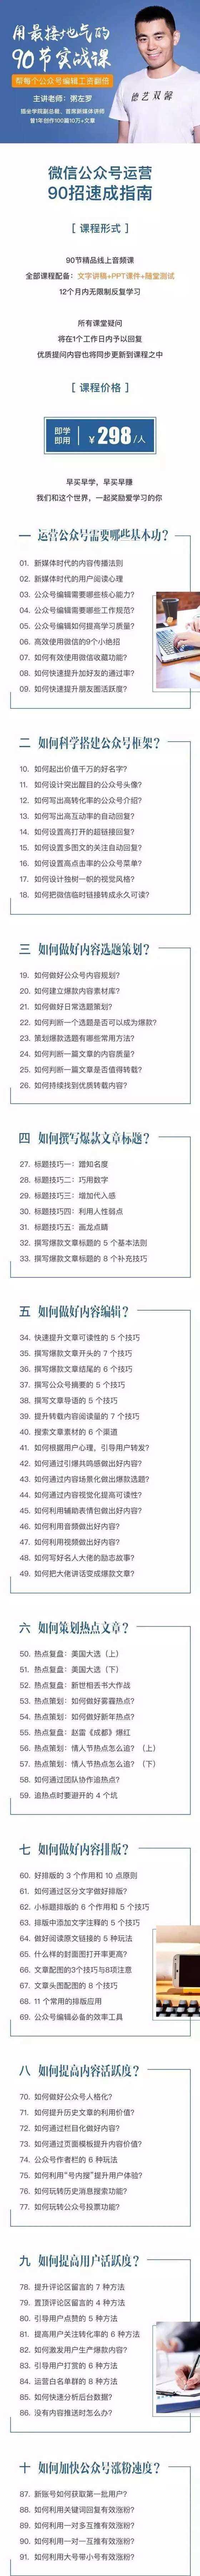 插座学院90招长图.jpg